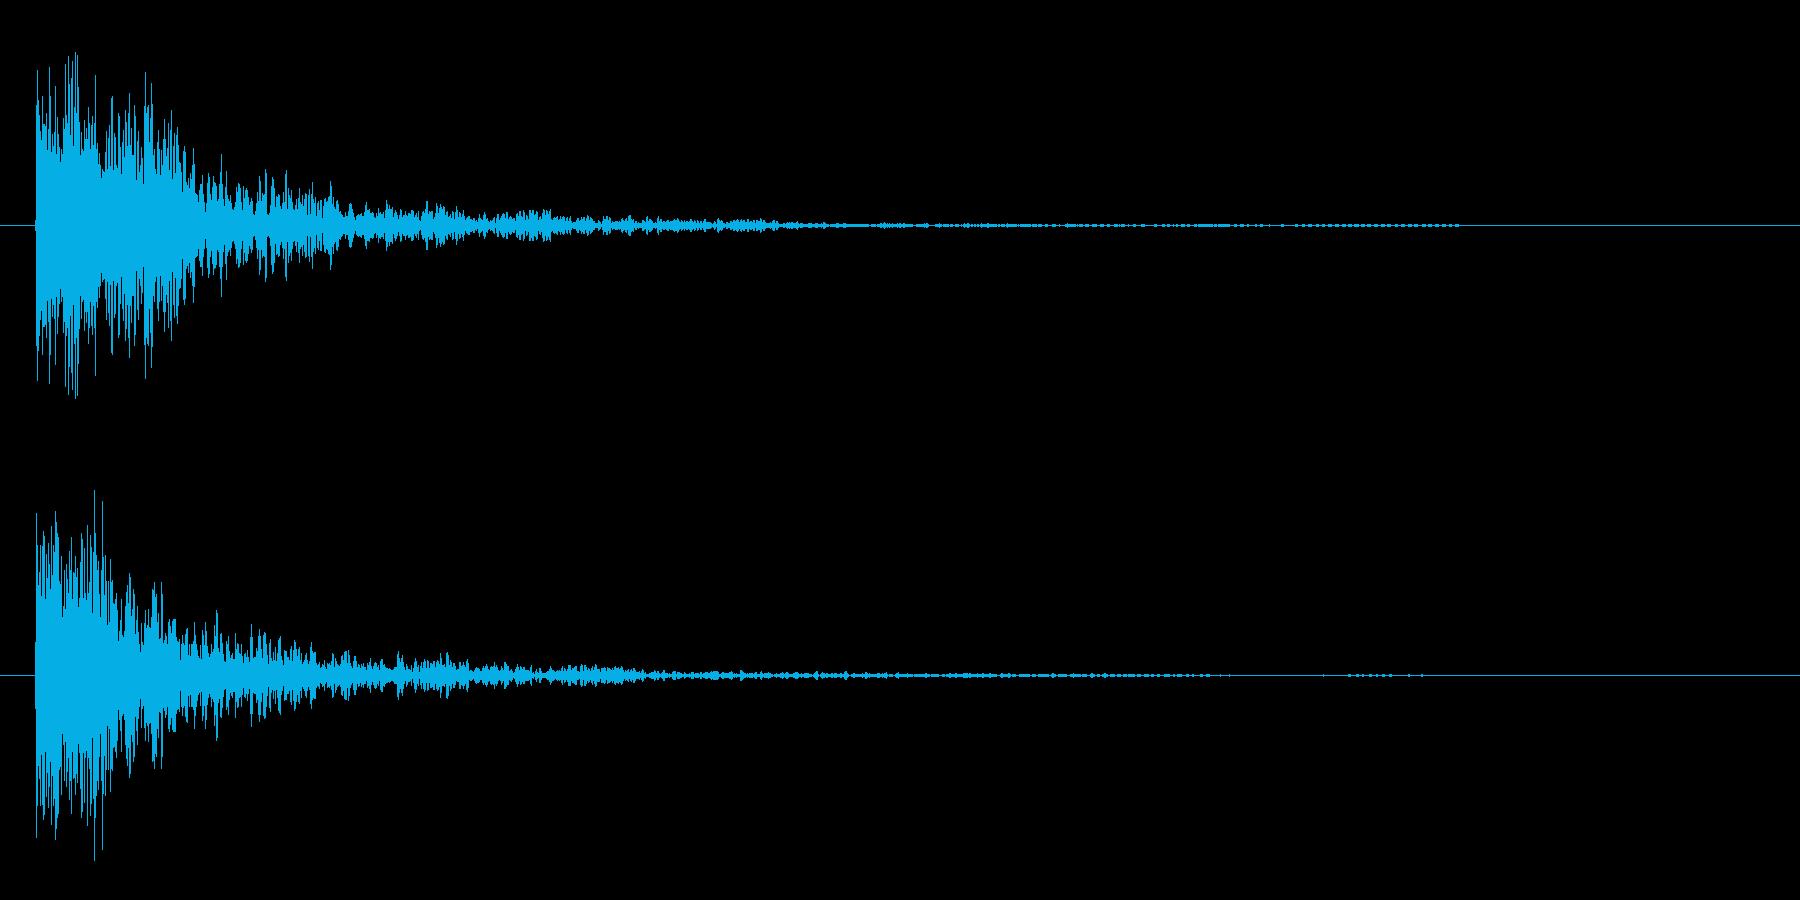 ガシーンという剣の打ち合いの様な効果音の再生済みの波形